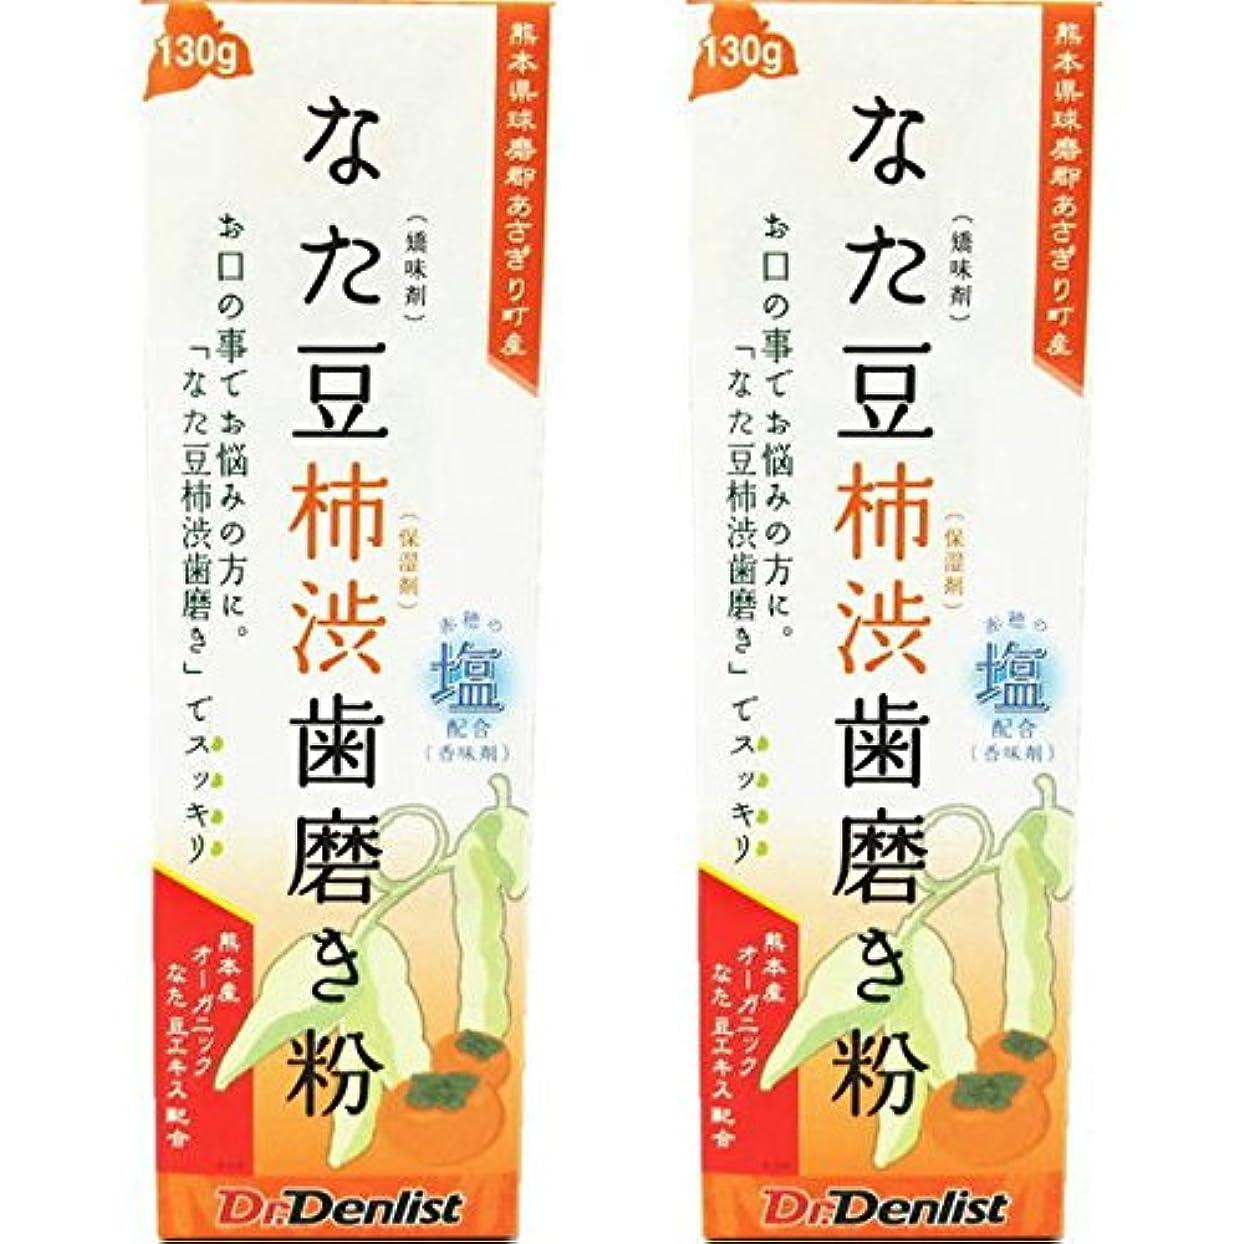 あいまいなエステート何なた豆柿渋歯磨き 130g 2個セット 国産 有機なた豆使用 赤穂の塩配合(香味剤)